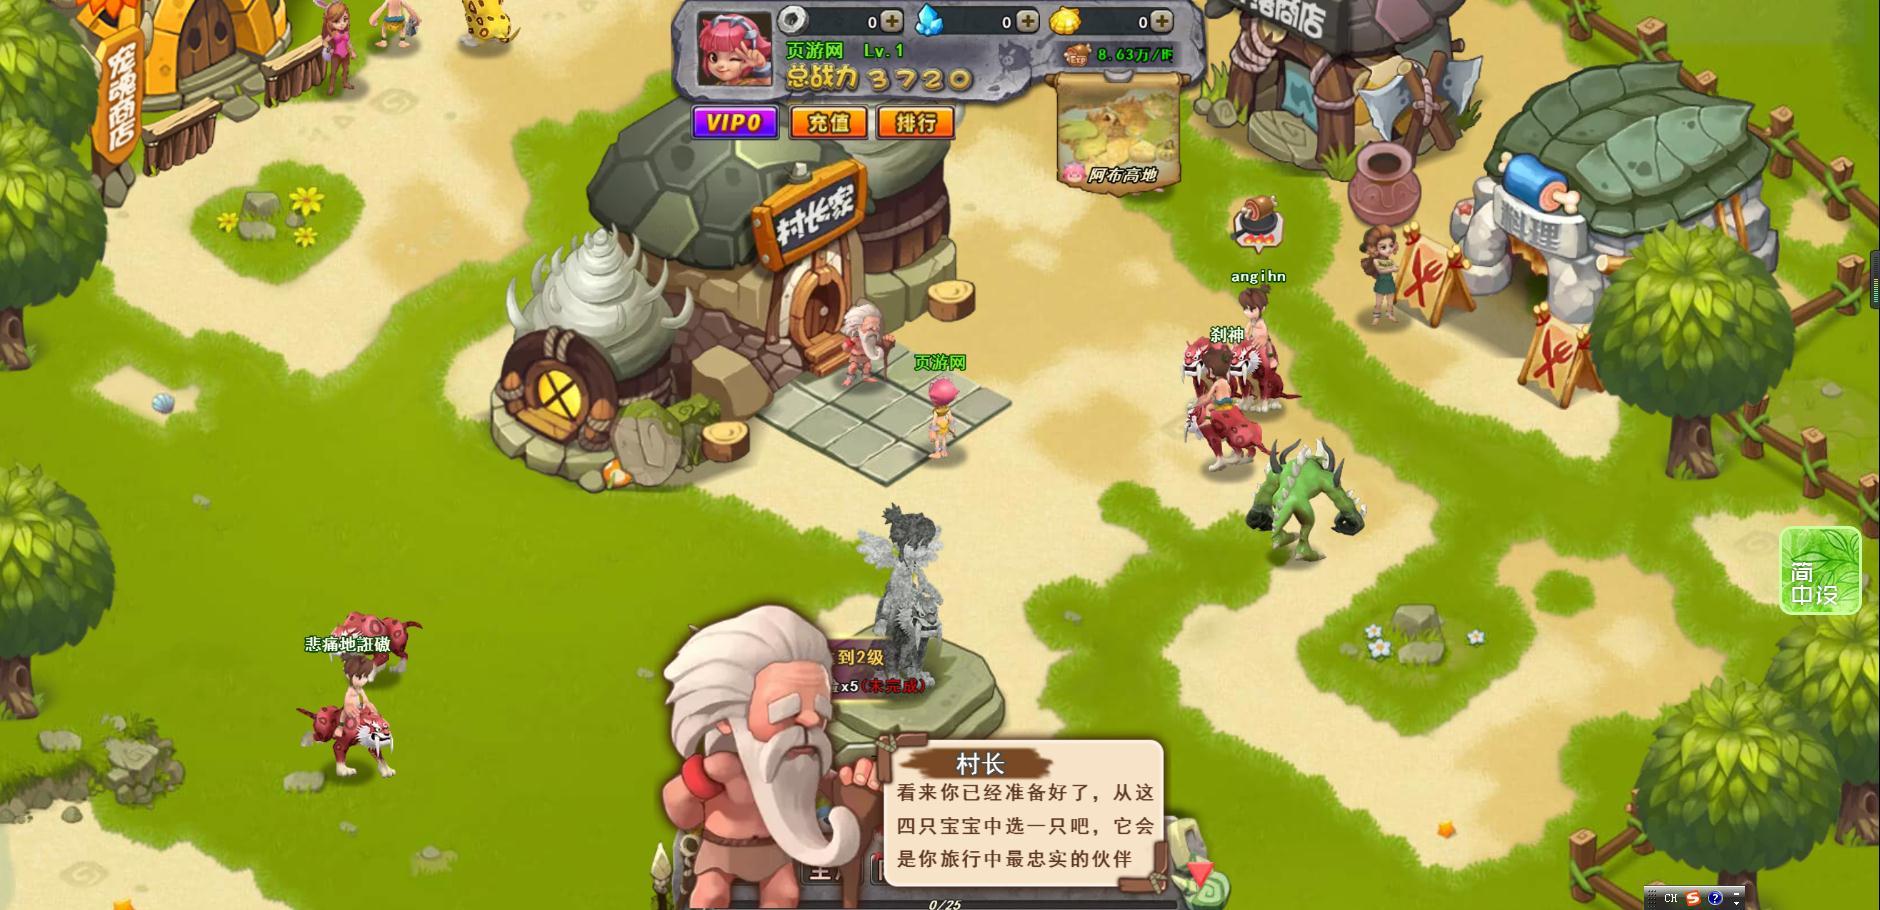 《部落大作战H5》游戏截图